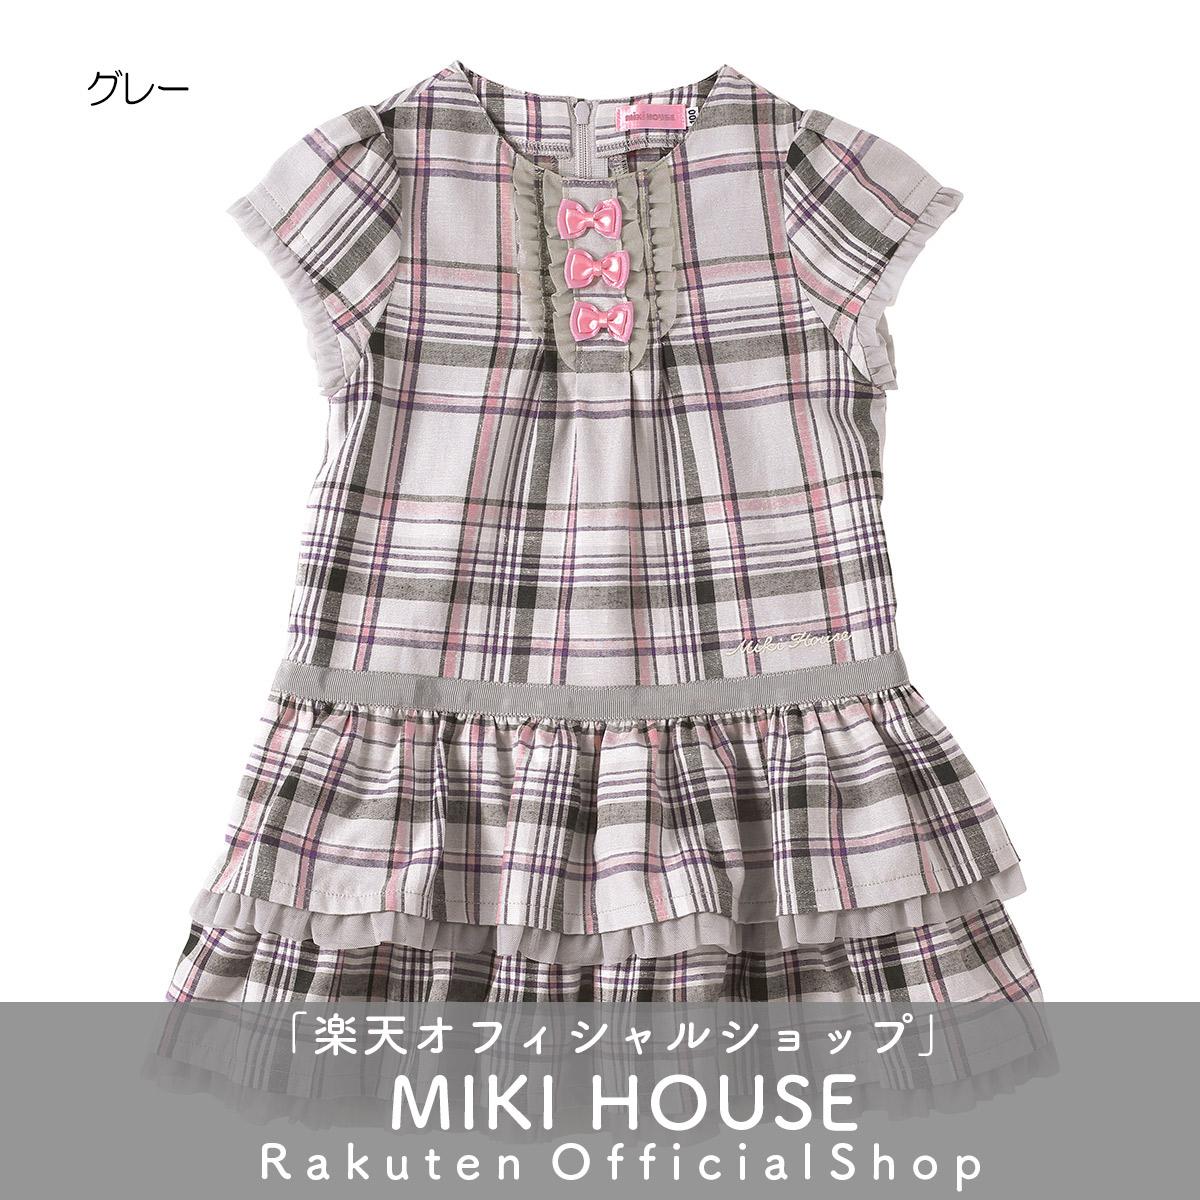 【アウトレット】ミキハウス mikihouse ワンピース(100cm・110cm) バーゲン